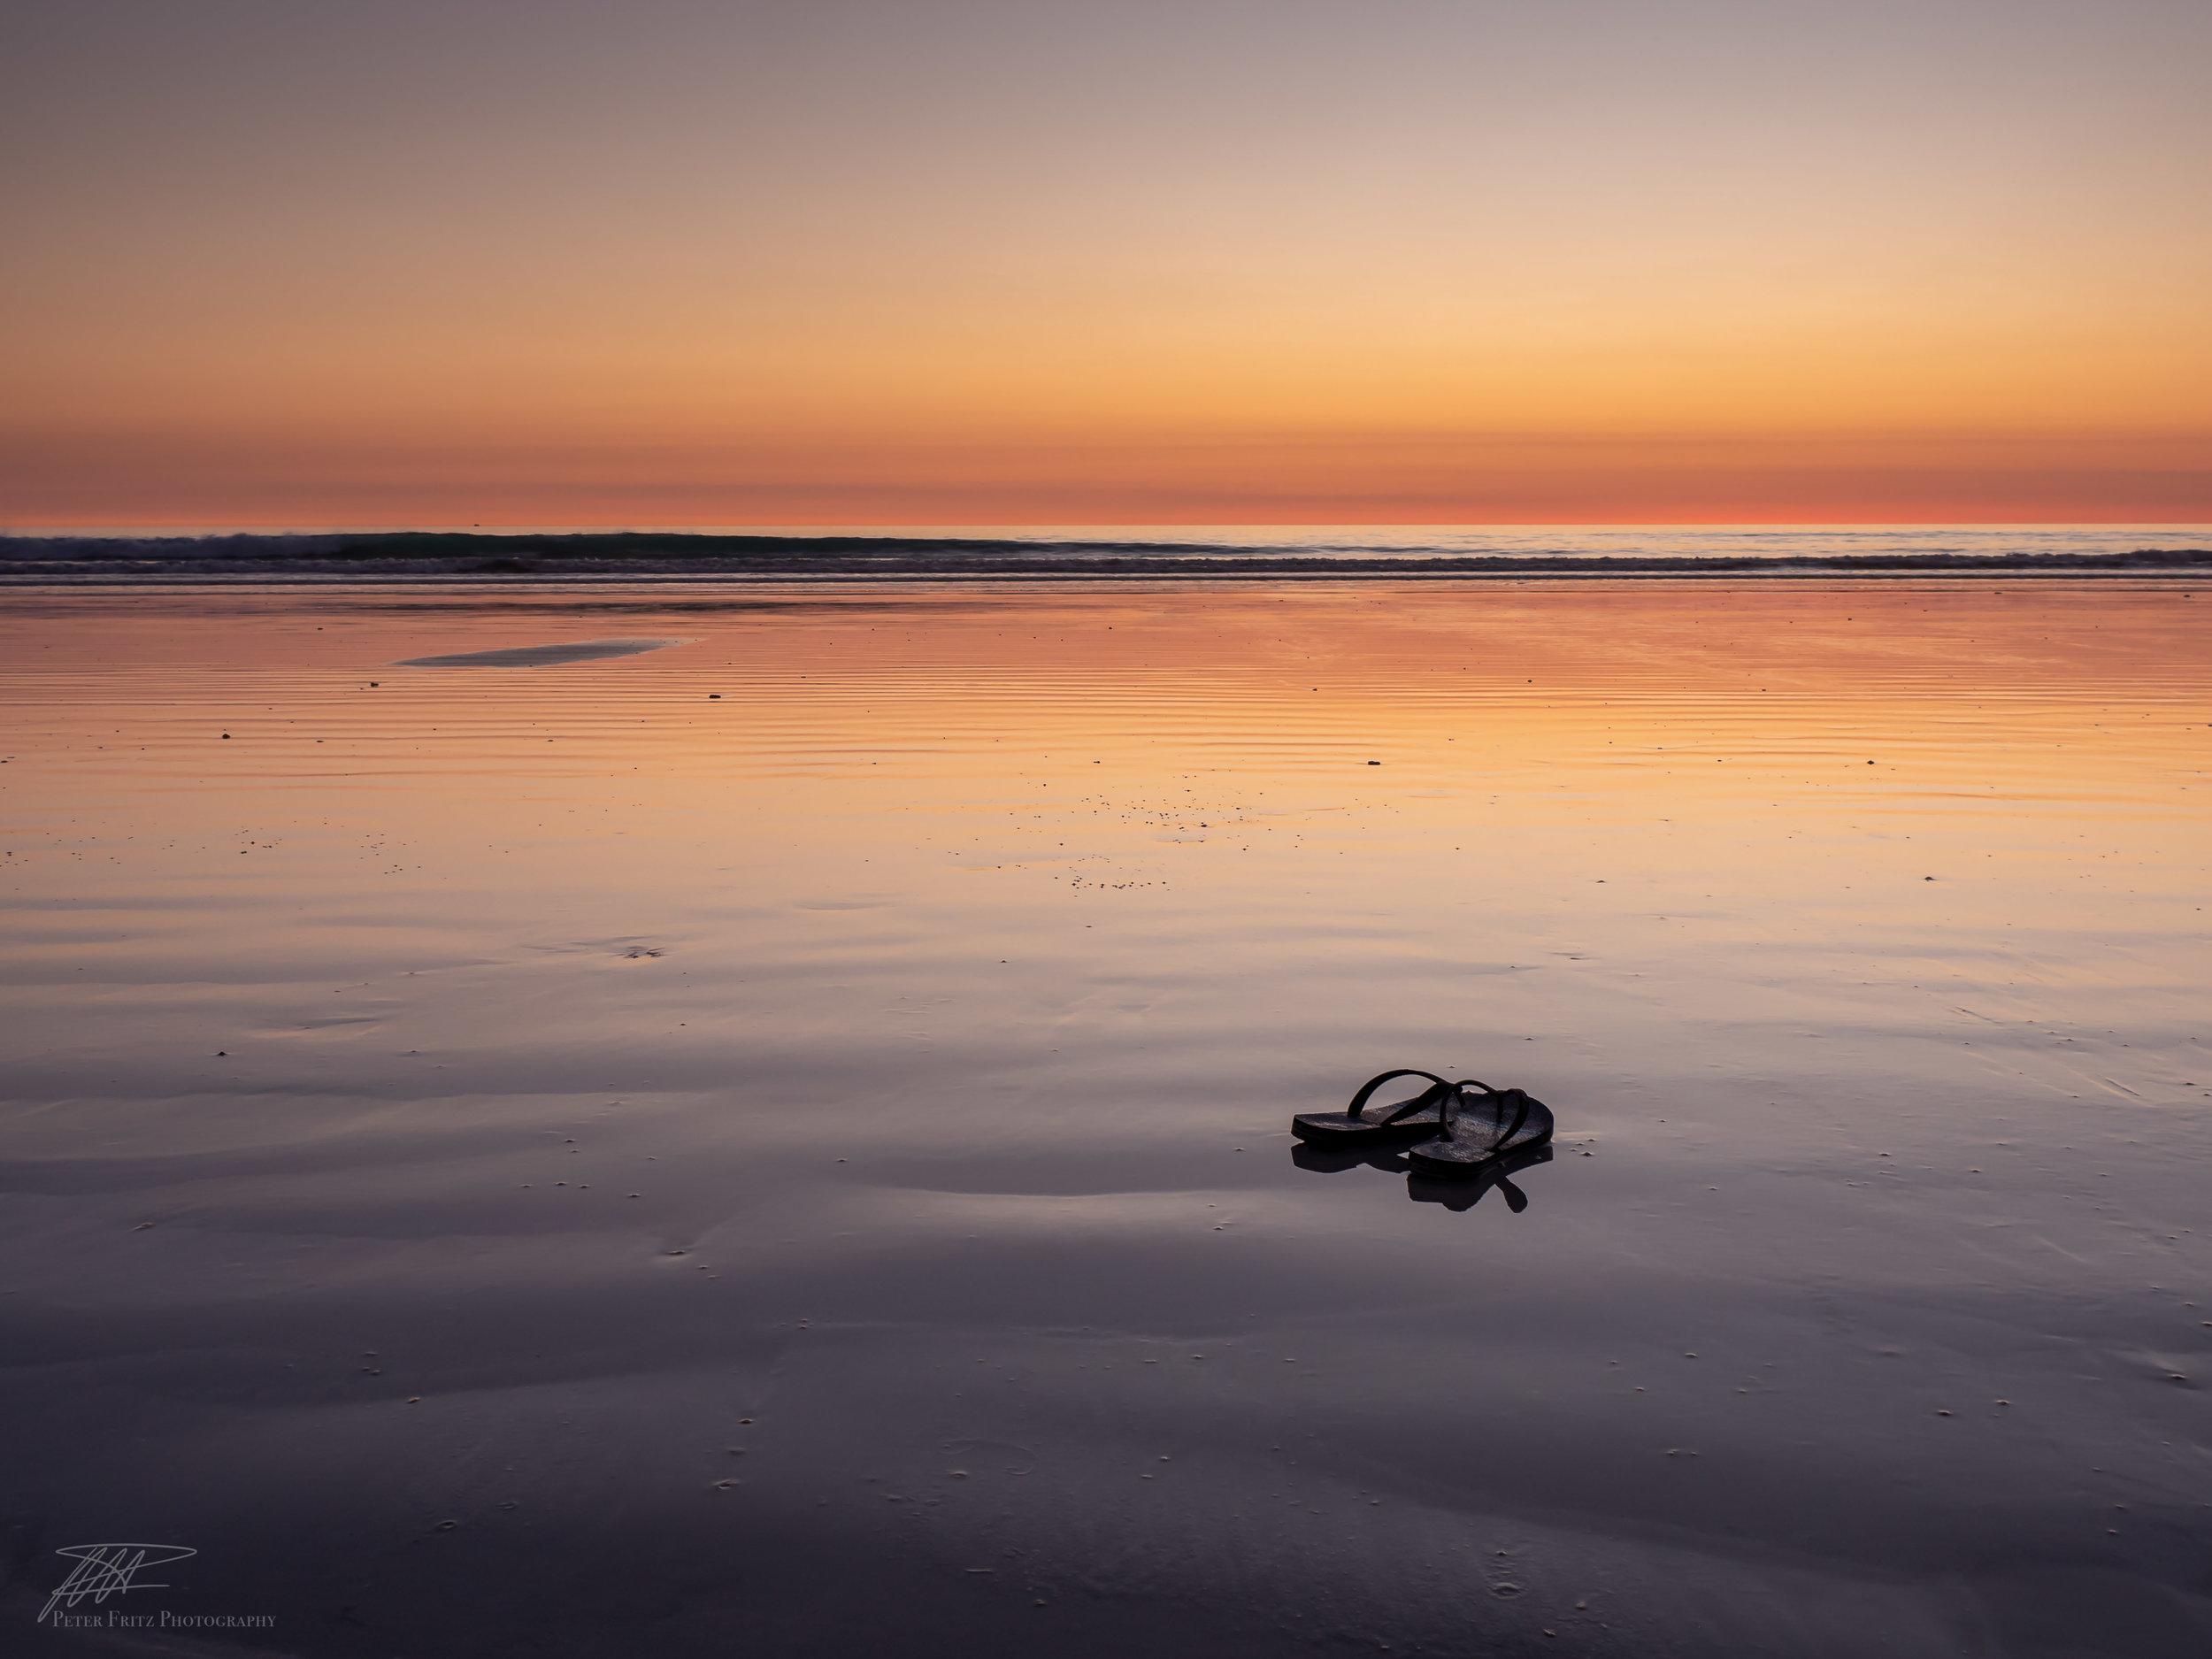 Thongs on a beach  4x3.jpg